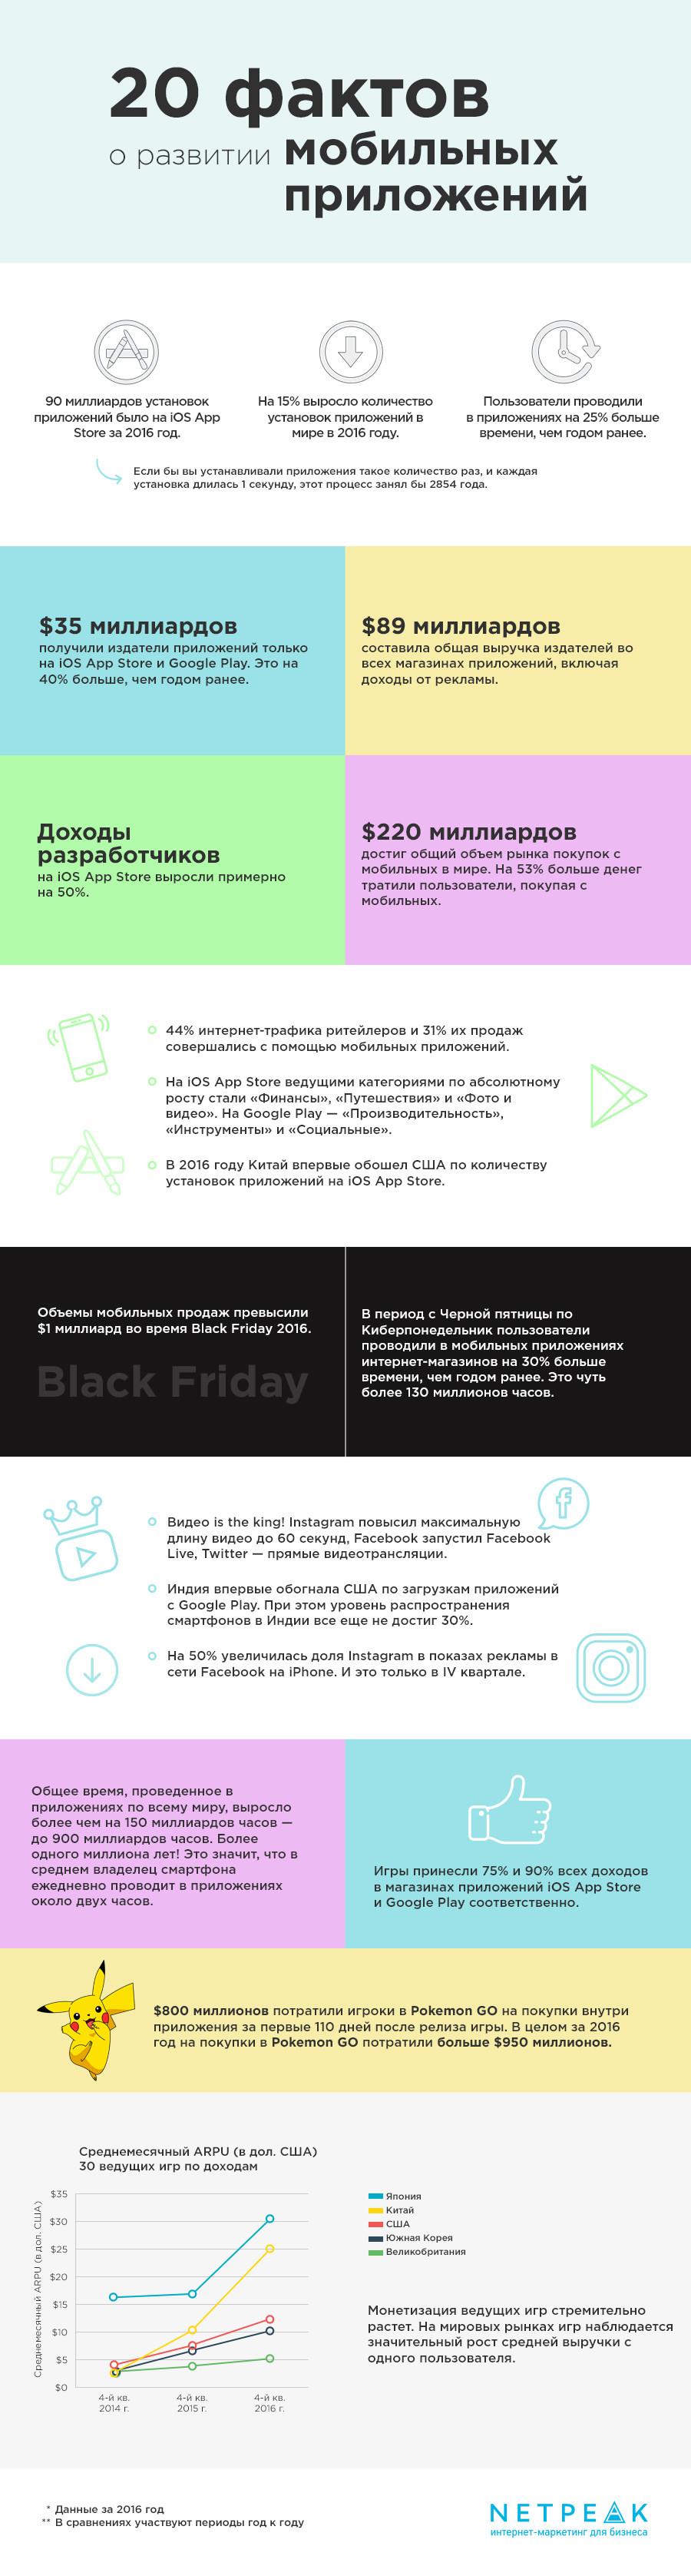 20 фактов о развитии мобильных приложений — инфографика